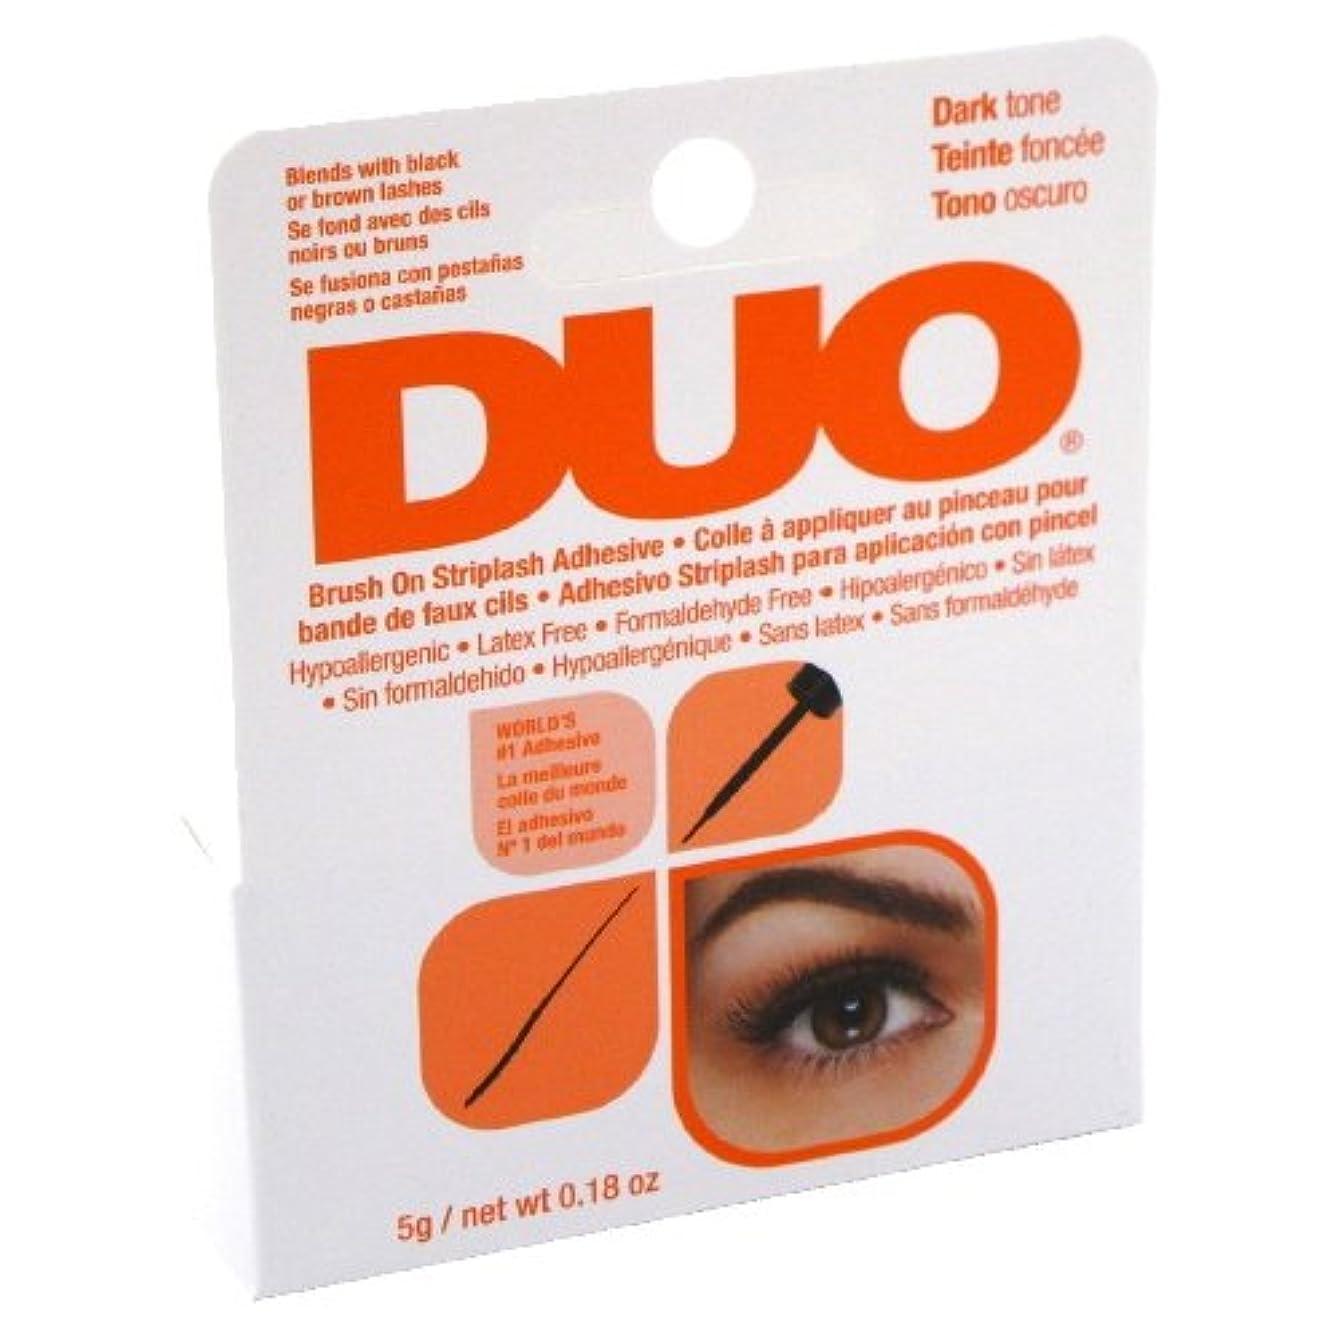 初期のワークショップ鳴り響く(6 Pack) DUO Brush On Striplash Adhesive - Dark Tone (並行輸入品)